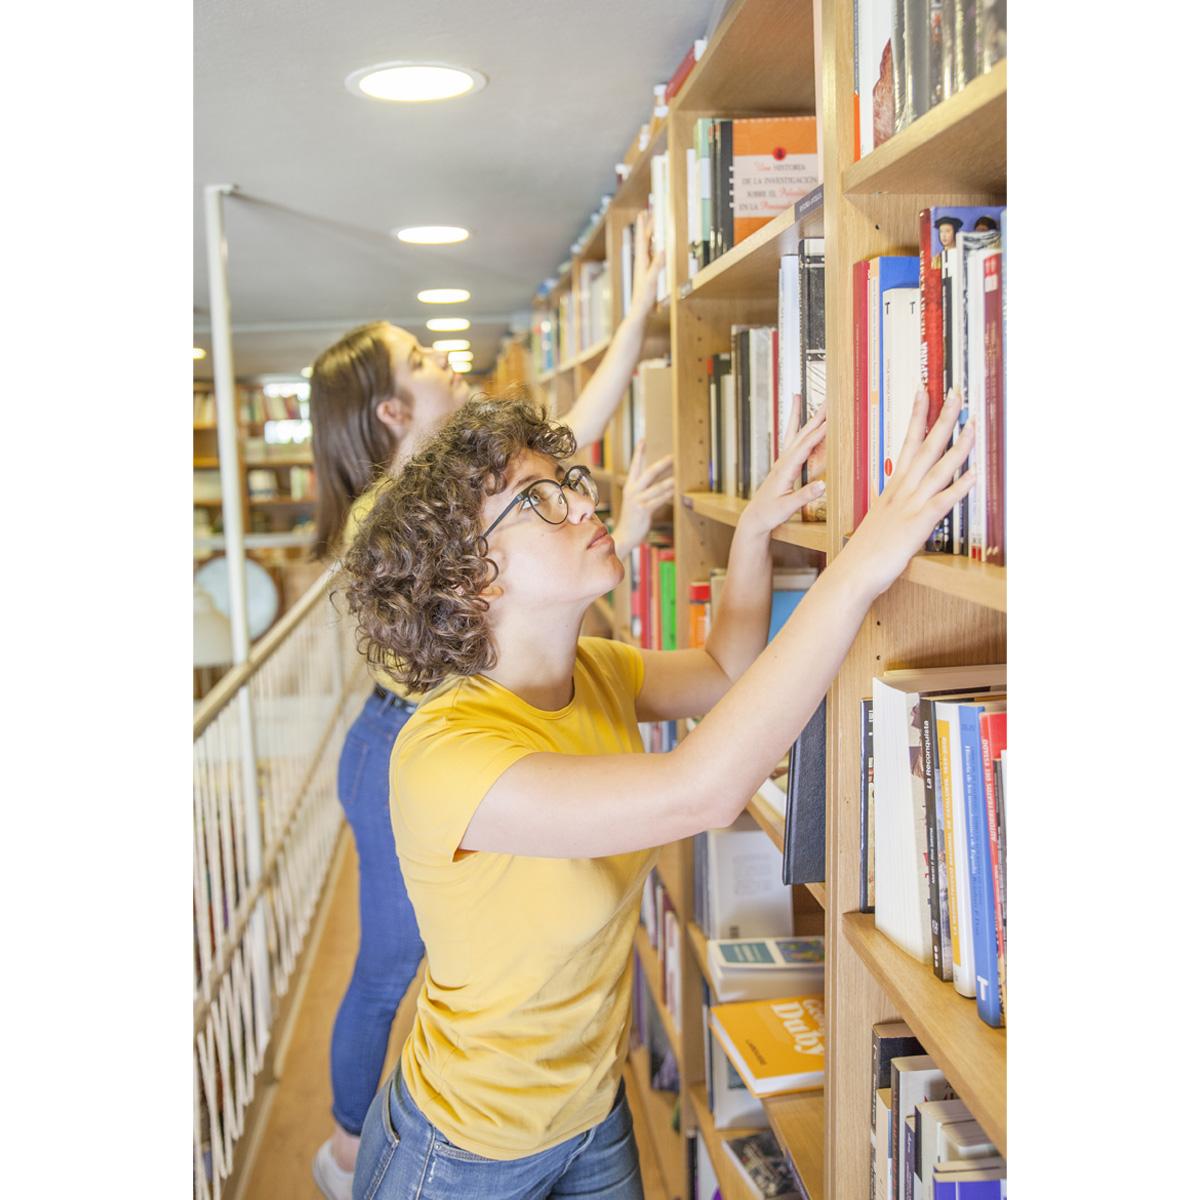 منابع داستان گویی در کتابخانه و کتاب فروشی